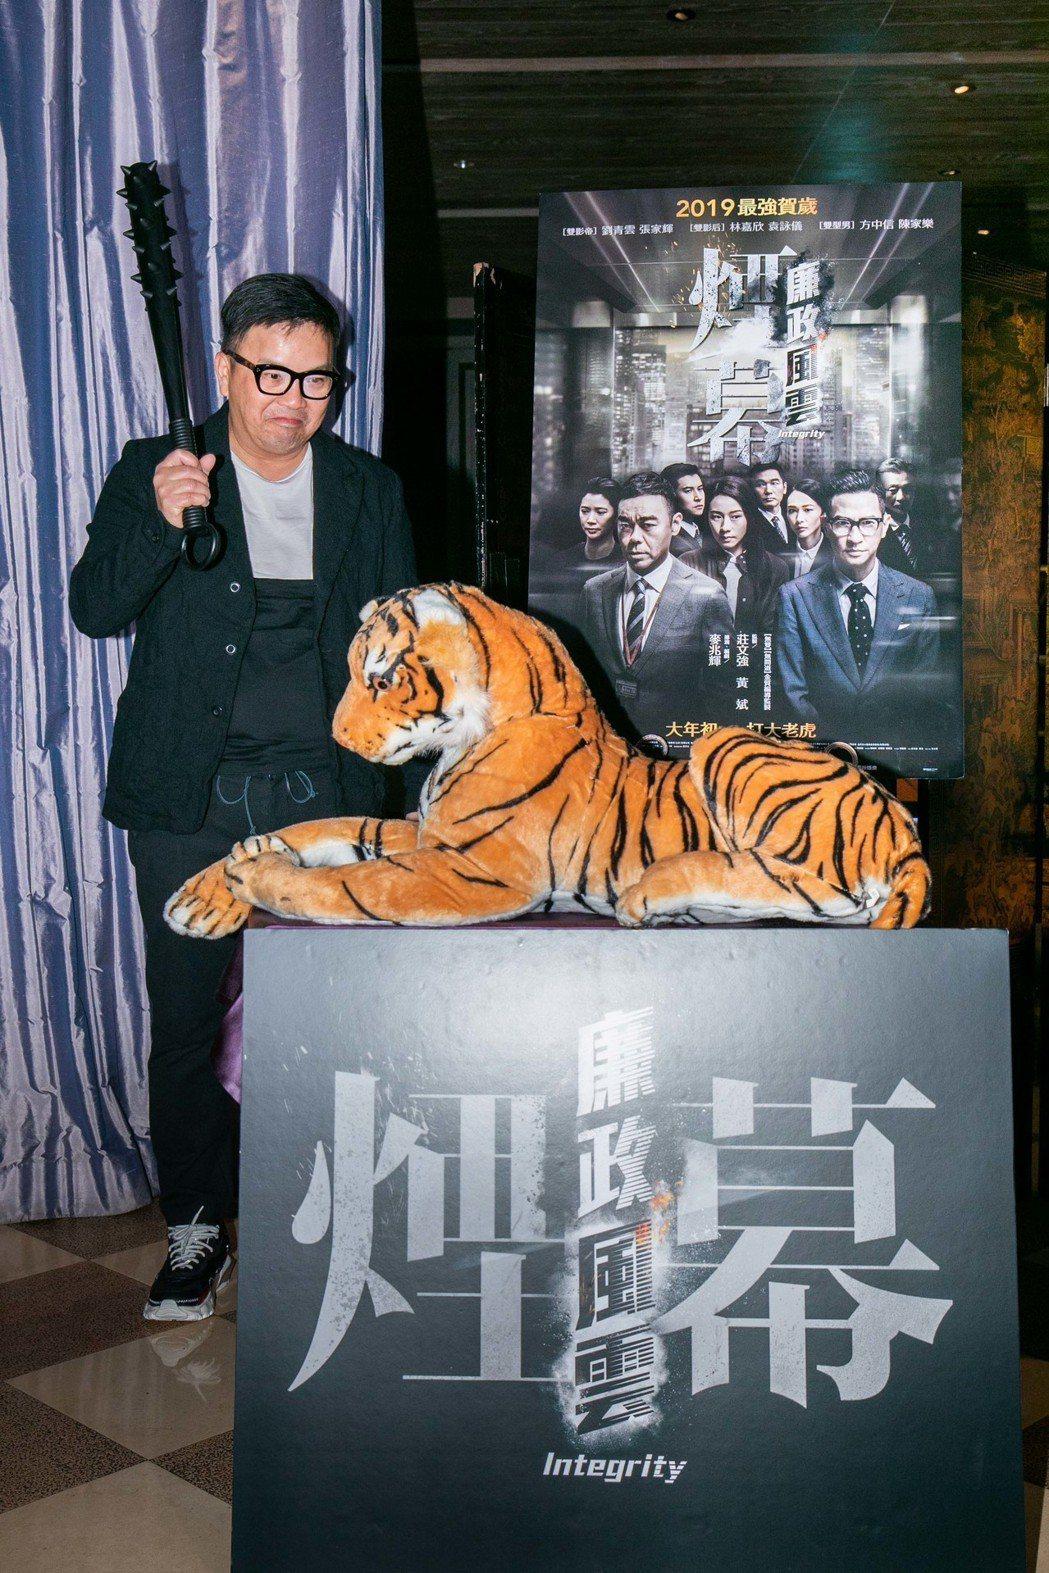 麥兆輝來台宣傳新片「廉政風雲煙幕」,暢談拍片趣事。圖/華映提供